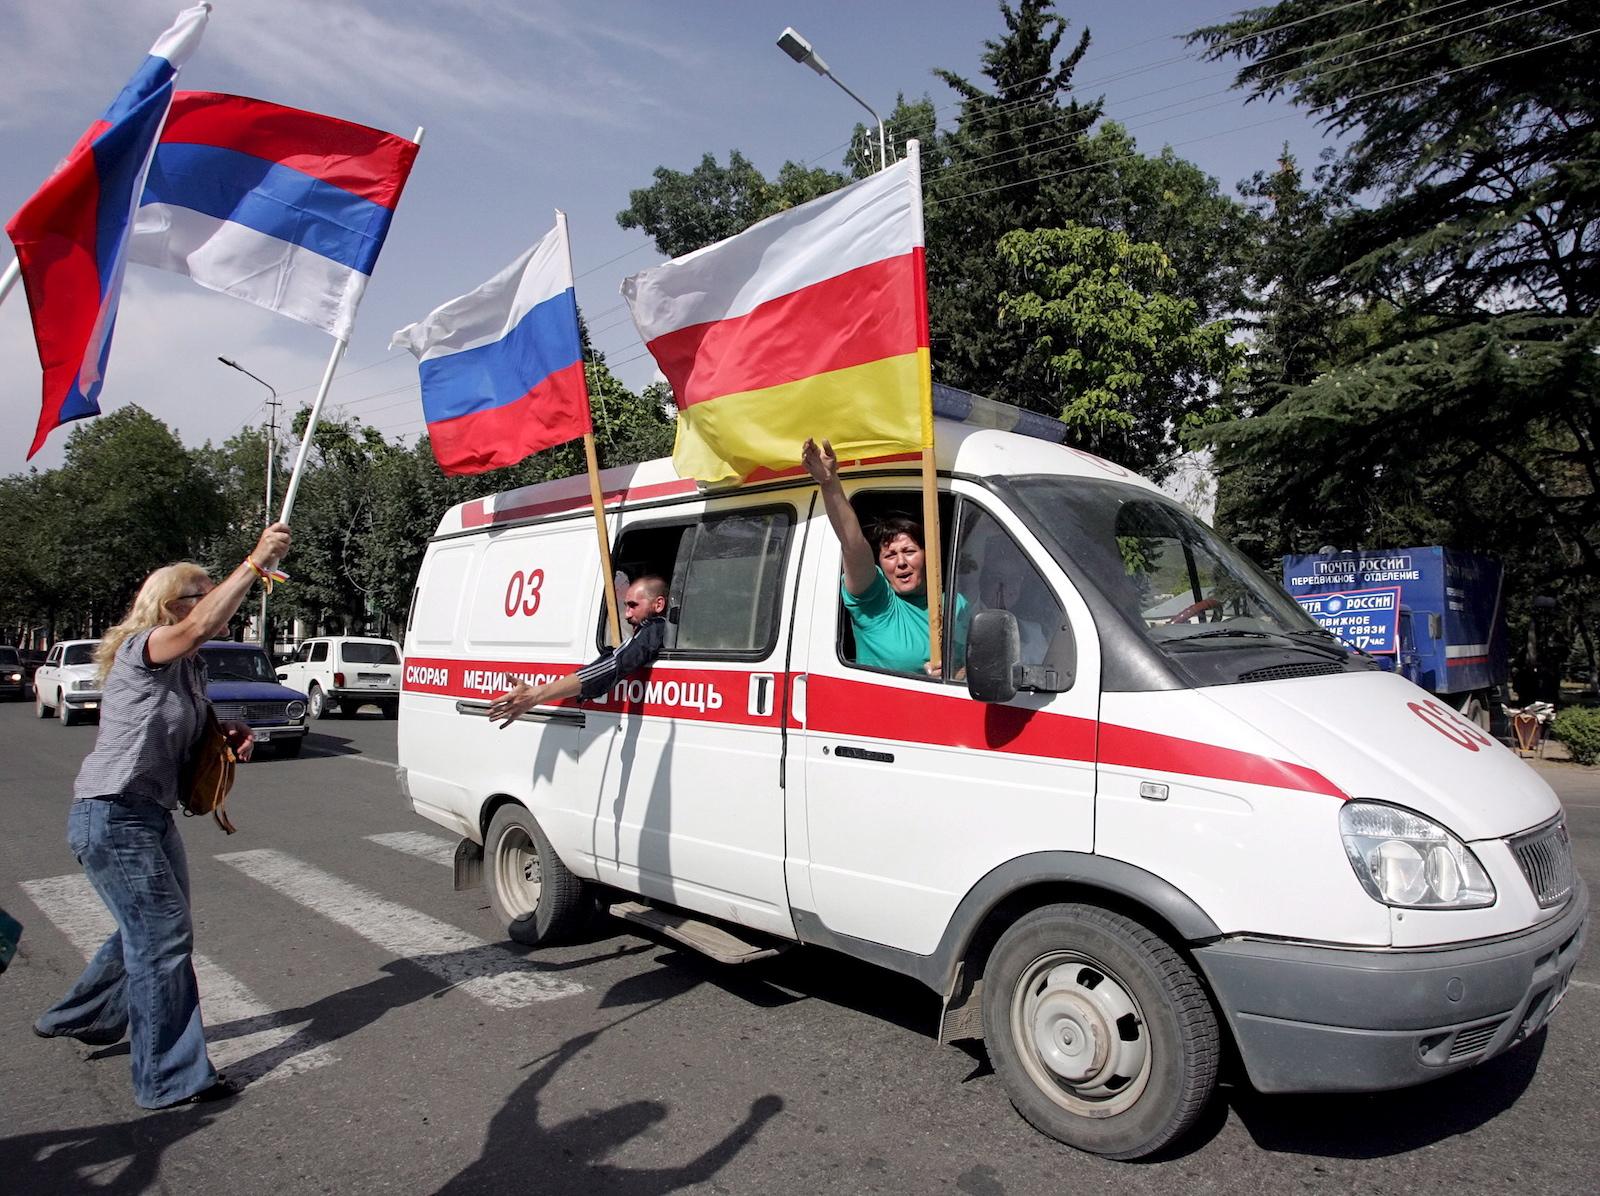 """ცხინვალშ რუსეთის მიერ მათი """"დამოუკიდებლობის"""" აღიარებას ზეიმობენ © EPA/MAXIM SHIPENKOV"""